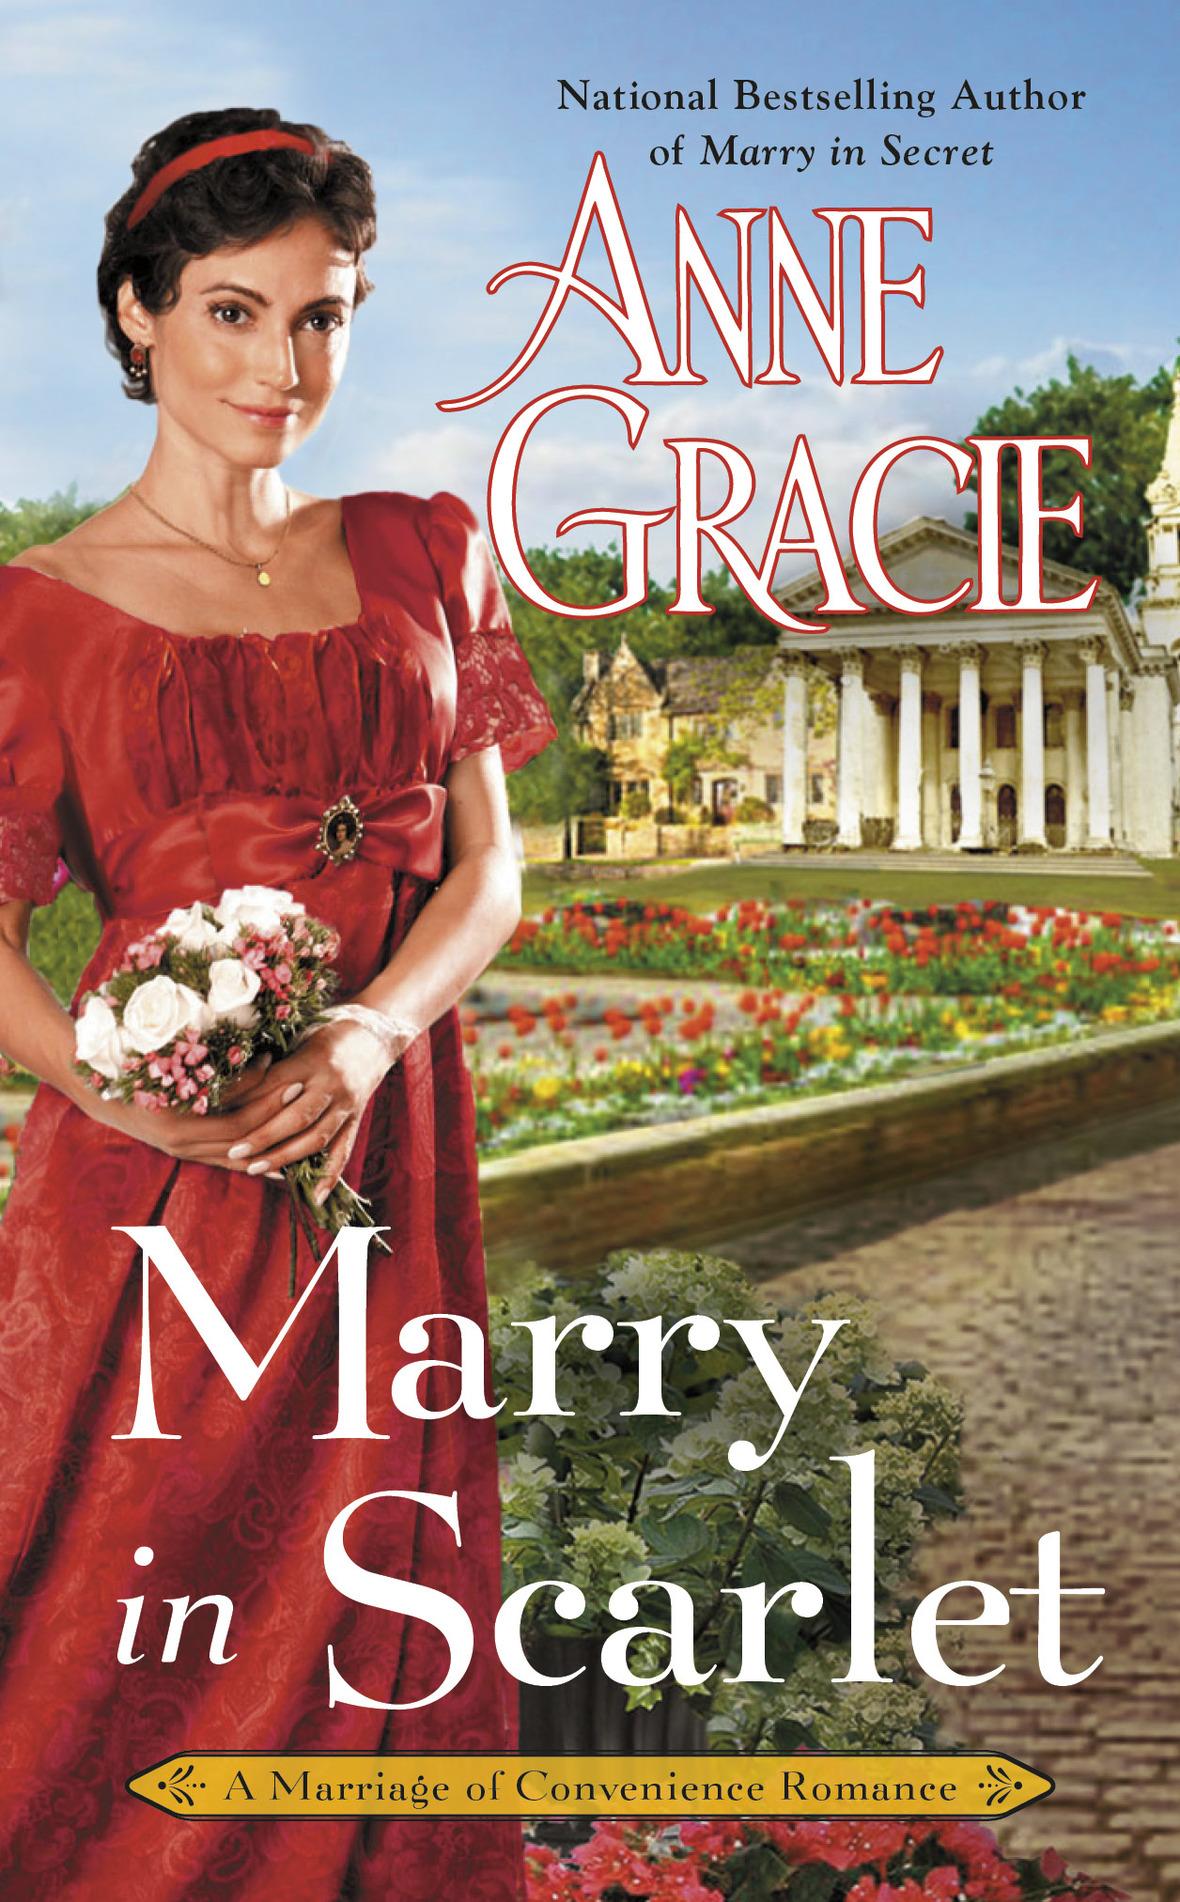 MarryInScarlet Draft